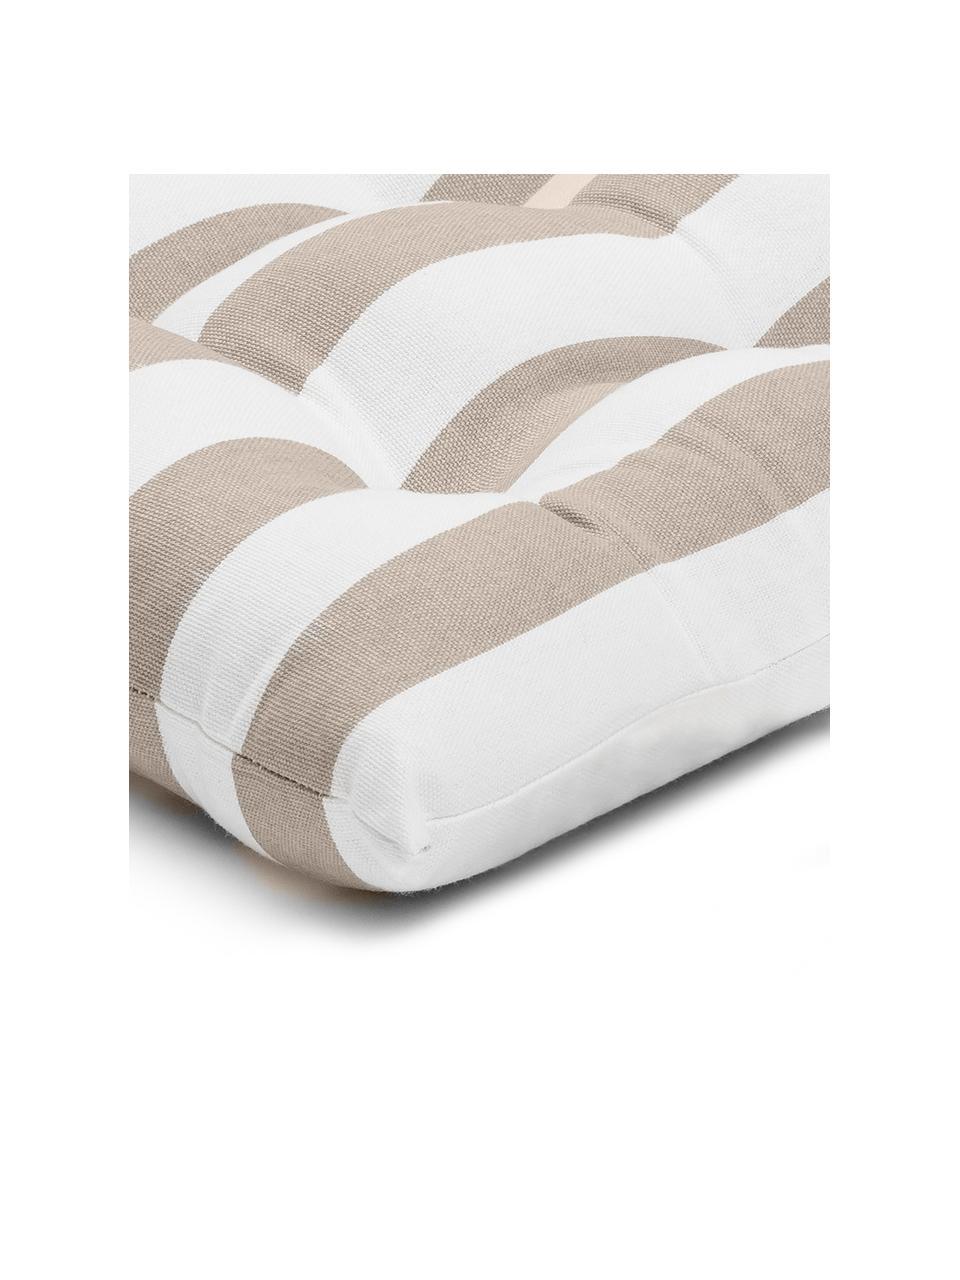 Gestreiftes Sitzkissen Timon in Taupe/Weiß, Bezug: 100% Baumwolle, Taupe, Weiß, 40 x 40 cm